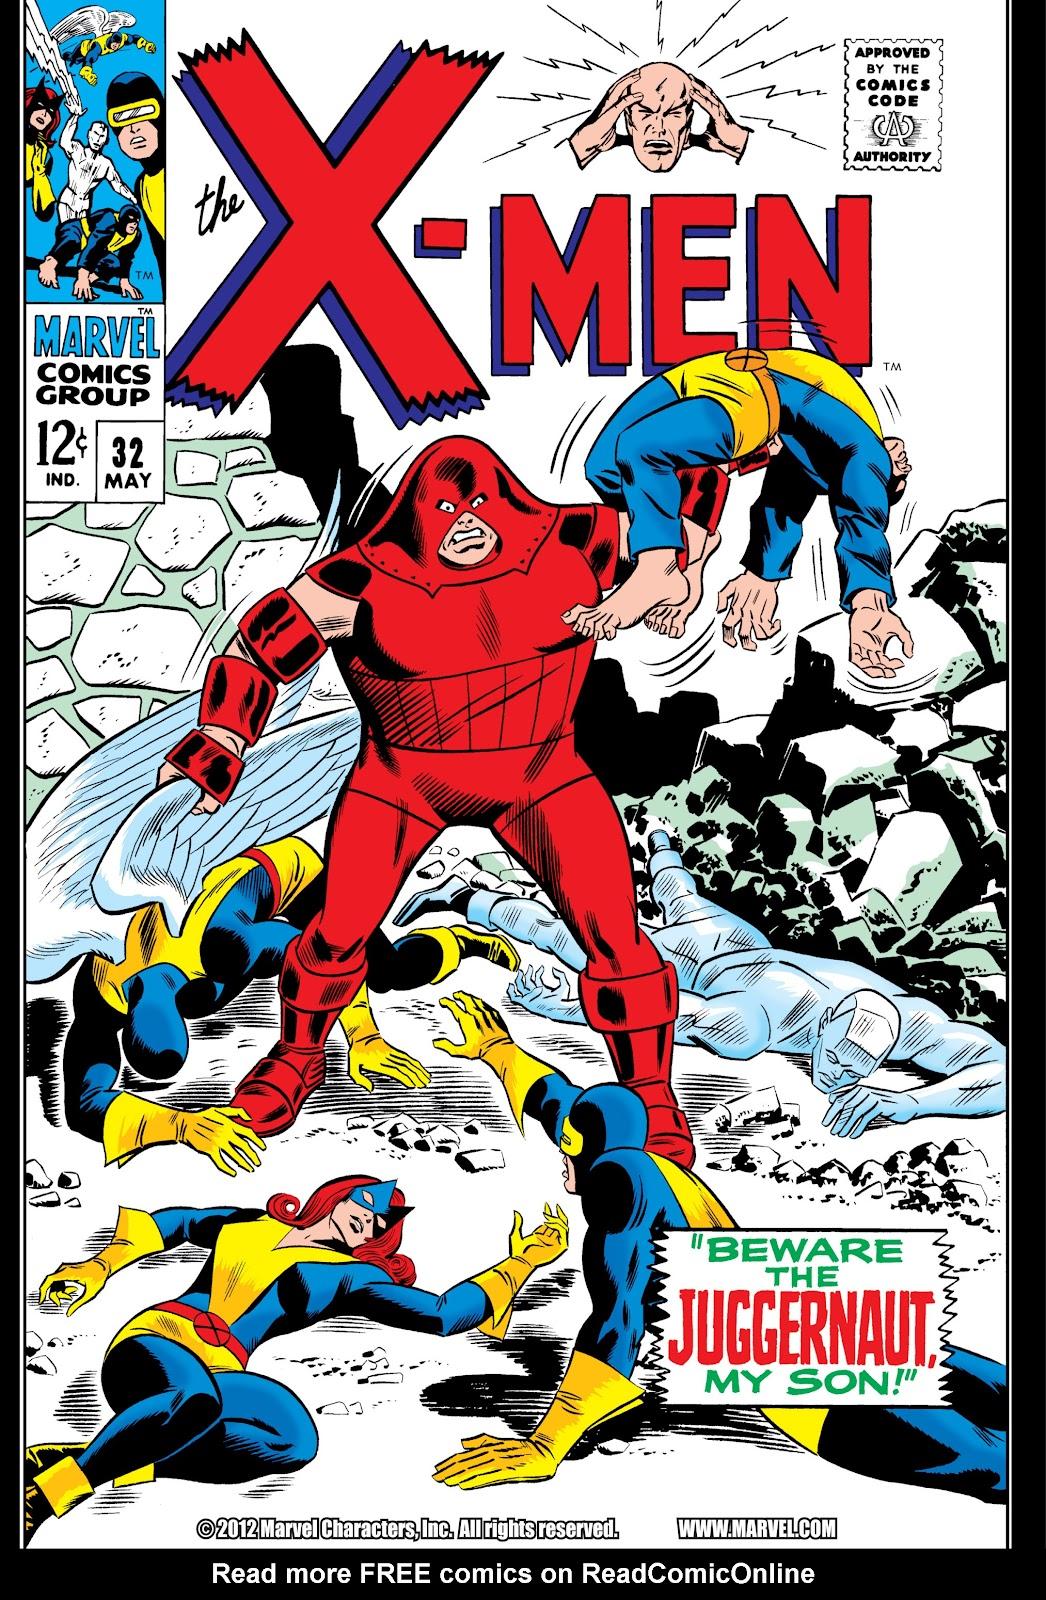 Uncanny X-Men (1963) 32 Page 1